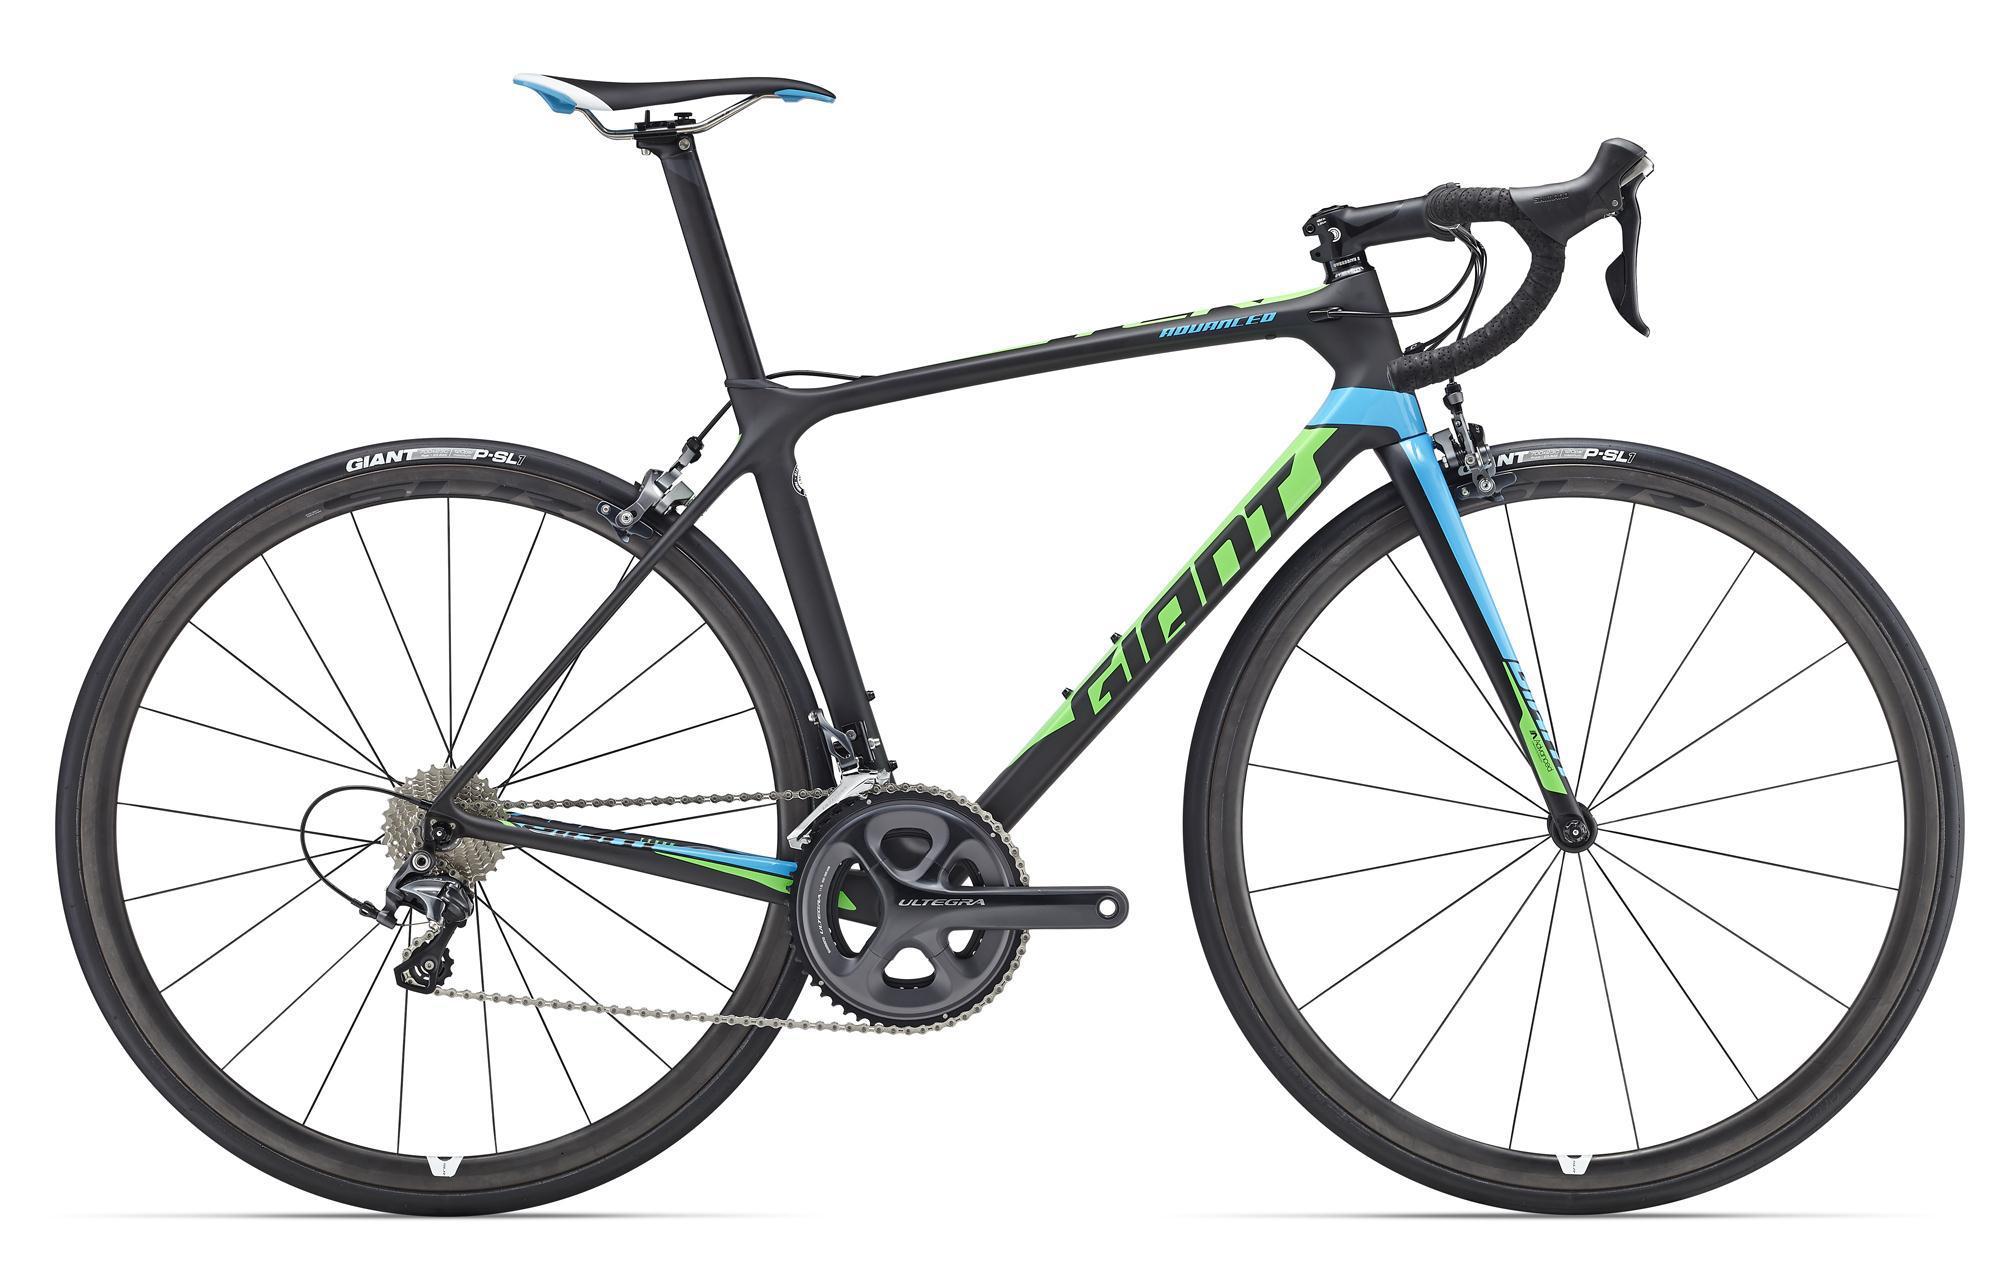 Giant TCR Advanced Pro 1 (2016)Дорожные<br>Дорога к шоссейным подиумам длинна и терниста, она проходит через долгие усердные тренировки и напряженные критические моменты гонки. Преодолеть ее будет гораздо проще с профессиональным велосипедом, предназначенным именно для соревнований – Giant TCR Advanced Pro. Эта рама из карбона Т-700 прекрасно введет себя на подъемах, спусках и в спринтах, ей не достаточно быть идеальной в какой-то одной области.<br>Соотношение веса и жесткости, легендарная геометрия серии TCR и агрессивная посадка – все это элементы, которые вместе создают быстрый и удобный шоссейный велосипед, настроенный на победы. Трансмиссия Shimano Ultegra 2х11 работает четко, быстро и бесшумно. Для снижения веса карбон использован где только можно – из него сделаны вынос и руль Giant Contact SL, а также обода вилсета Giant SLR 1. И пусть ваш успех будет таким же легким, как Giant TCR Advanced Pro!<br>